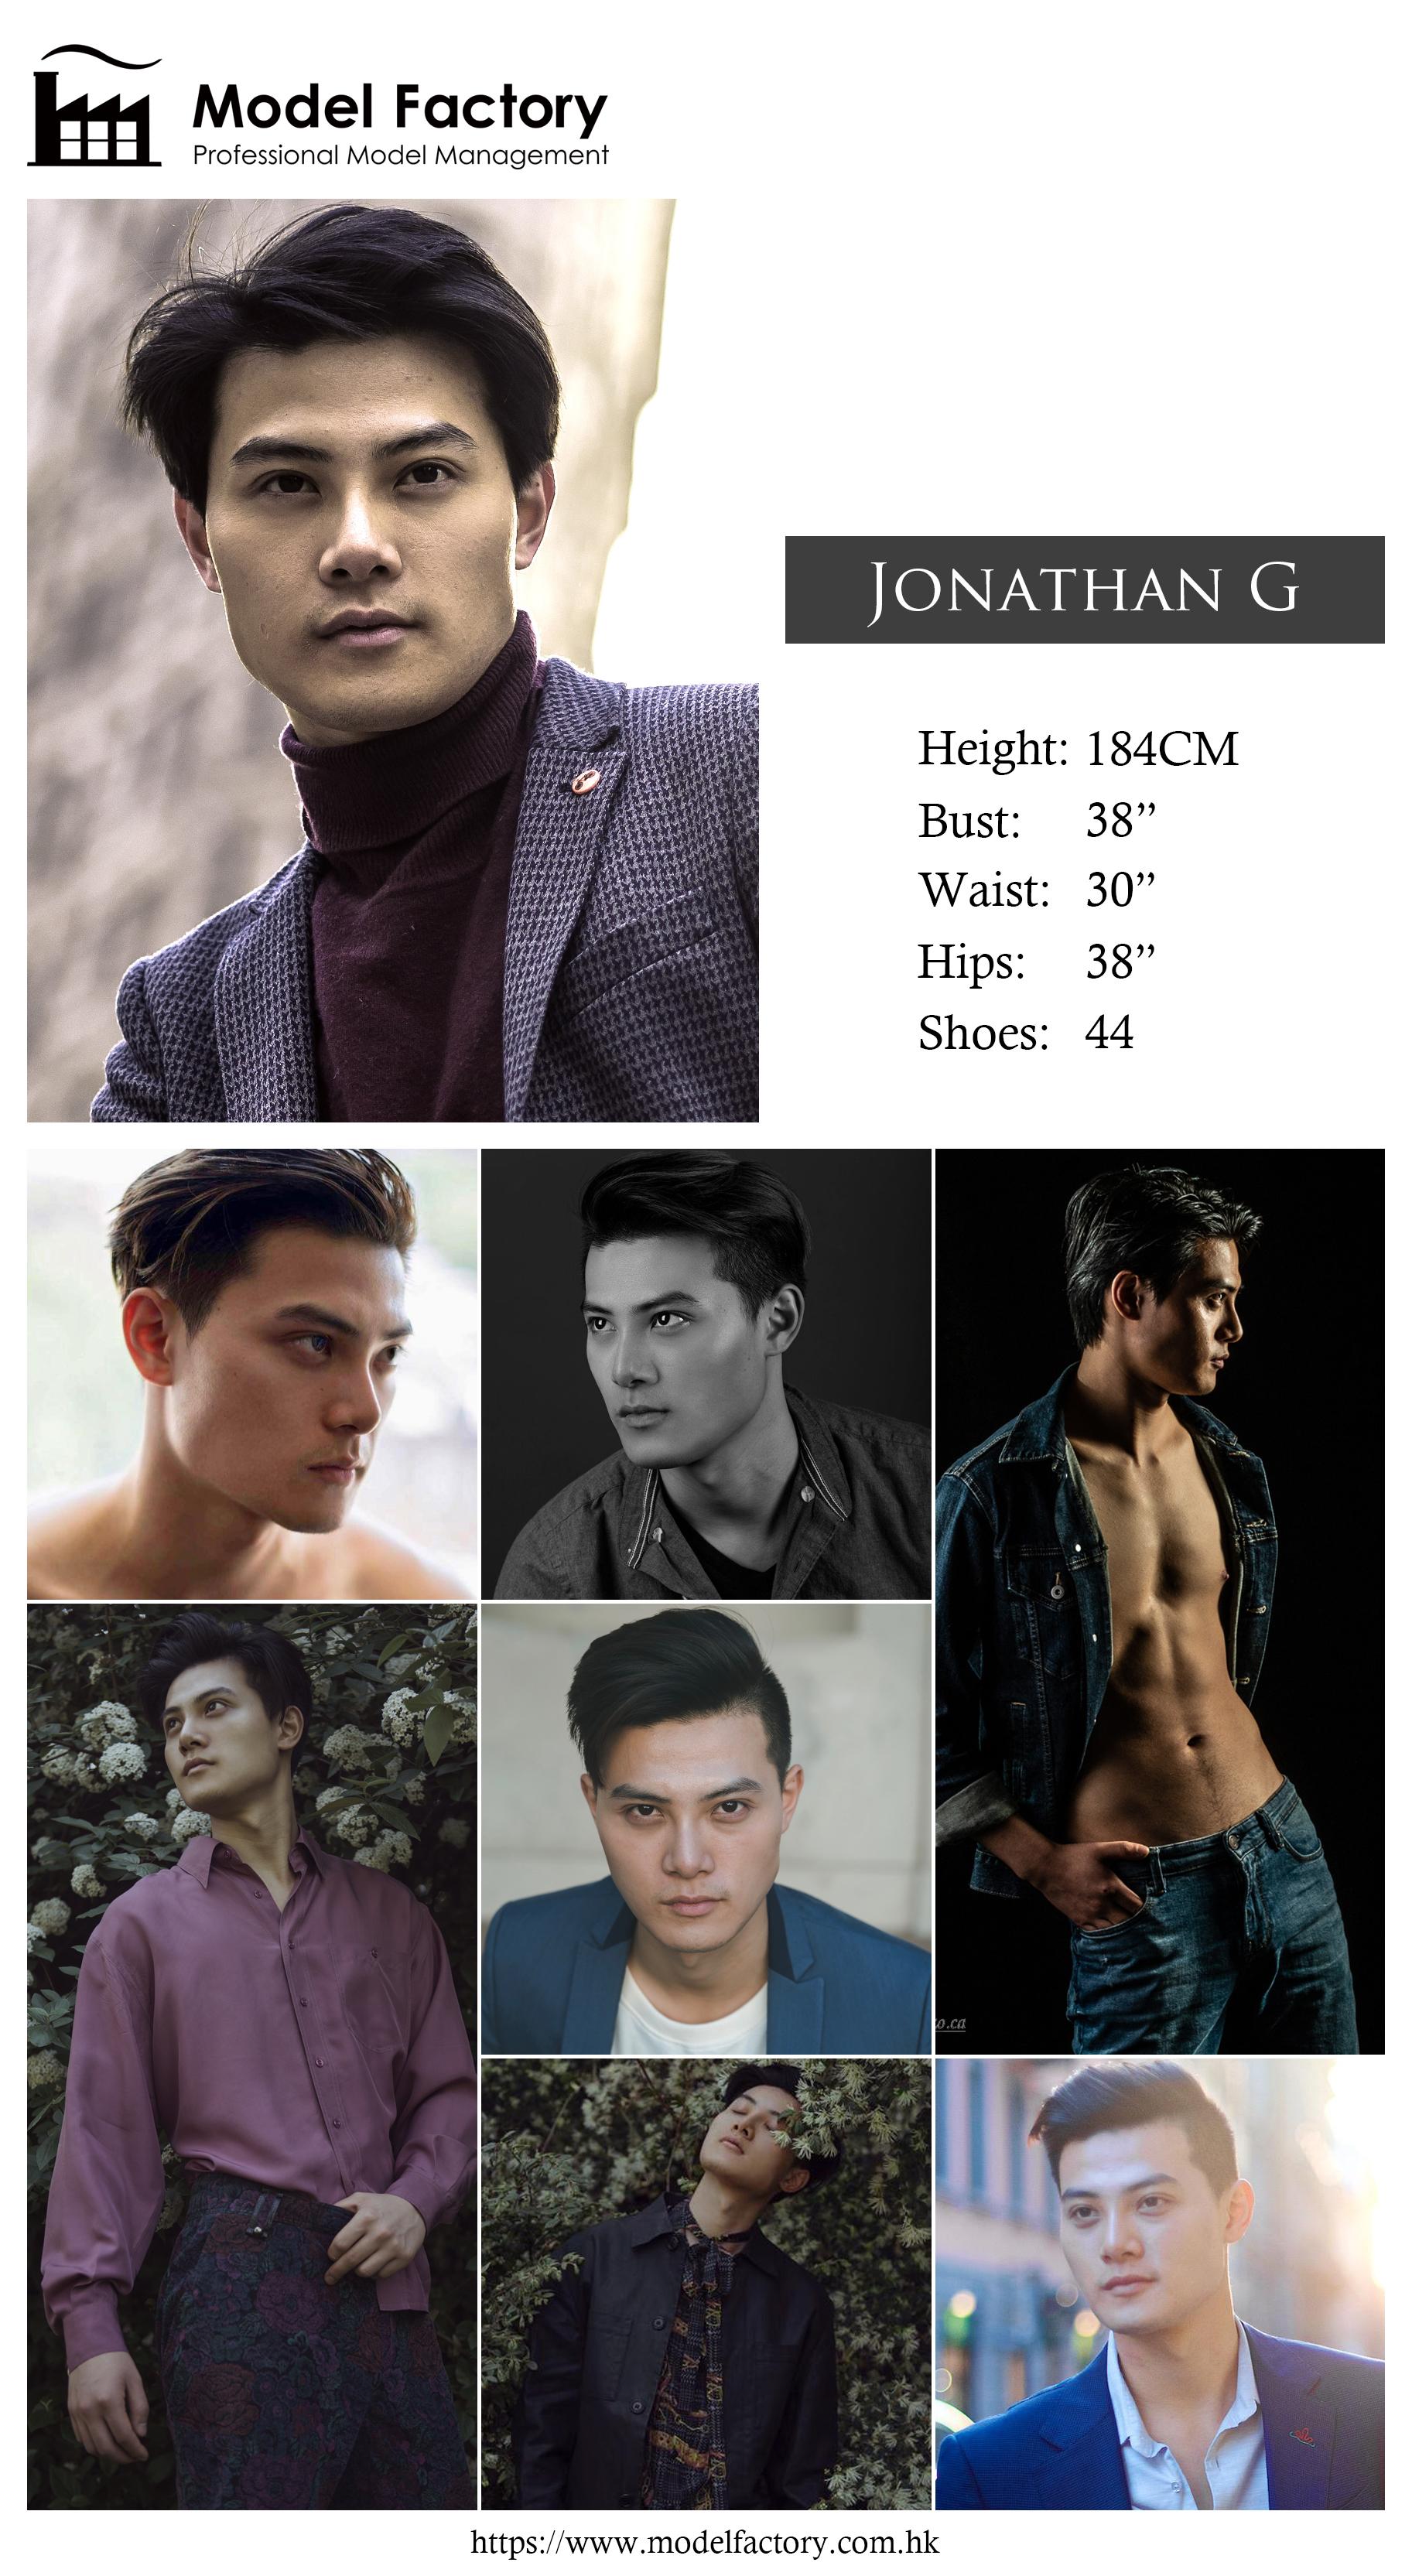 Model Factory Hong Kong Male Model JonathanG